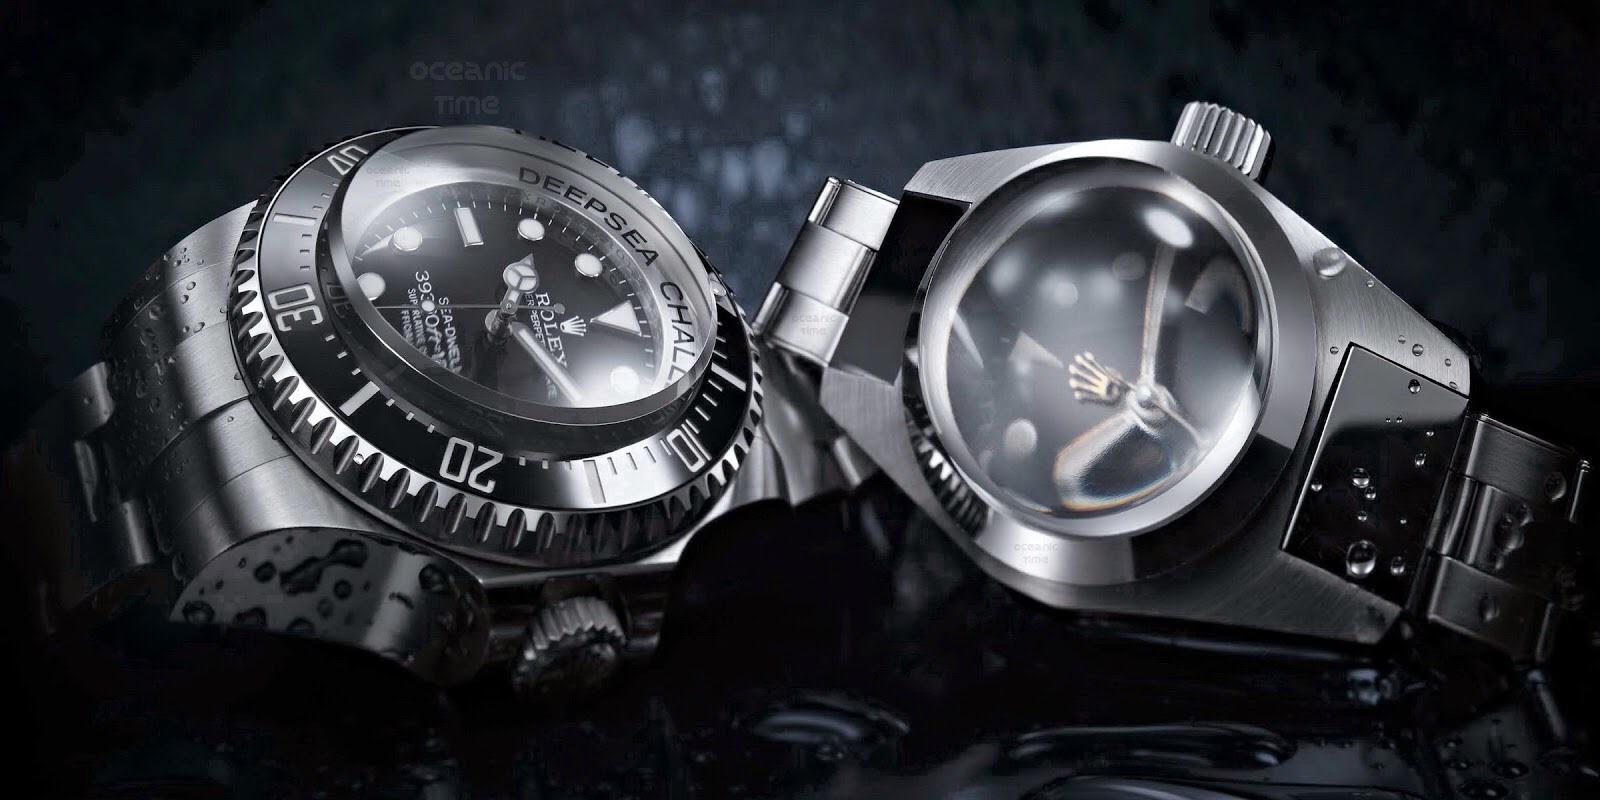 Rolex Deep Sea Special & Deepsea Challenge